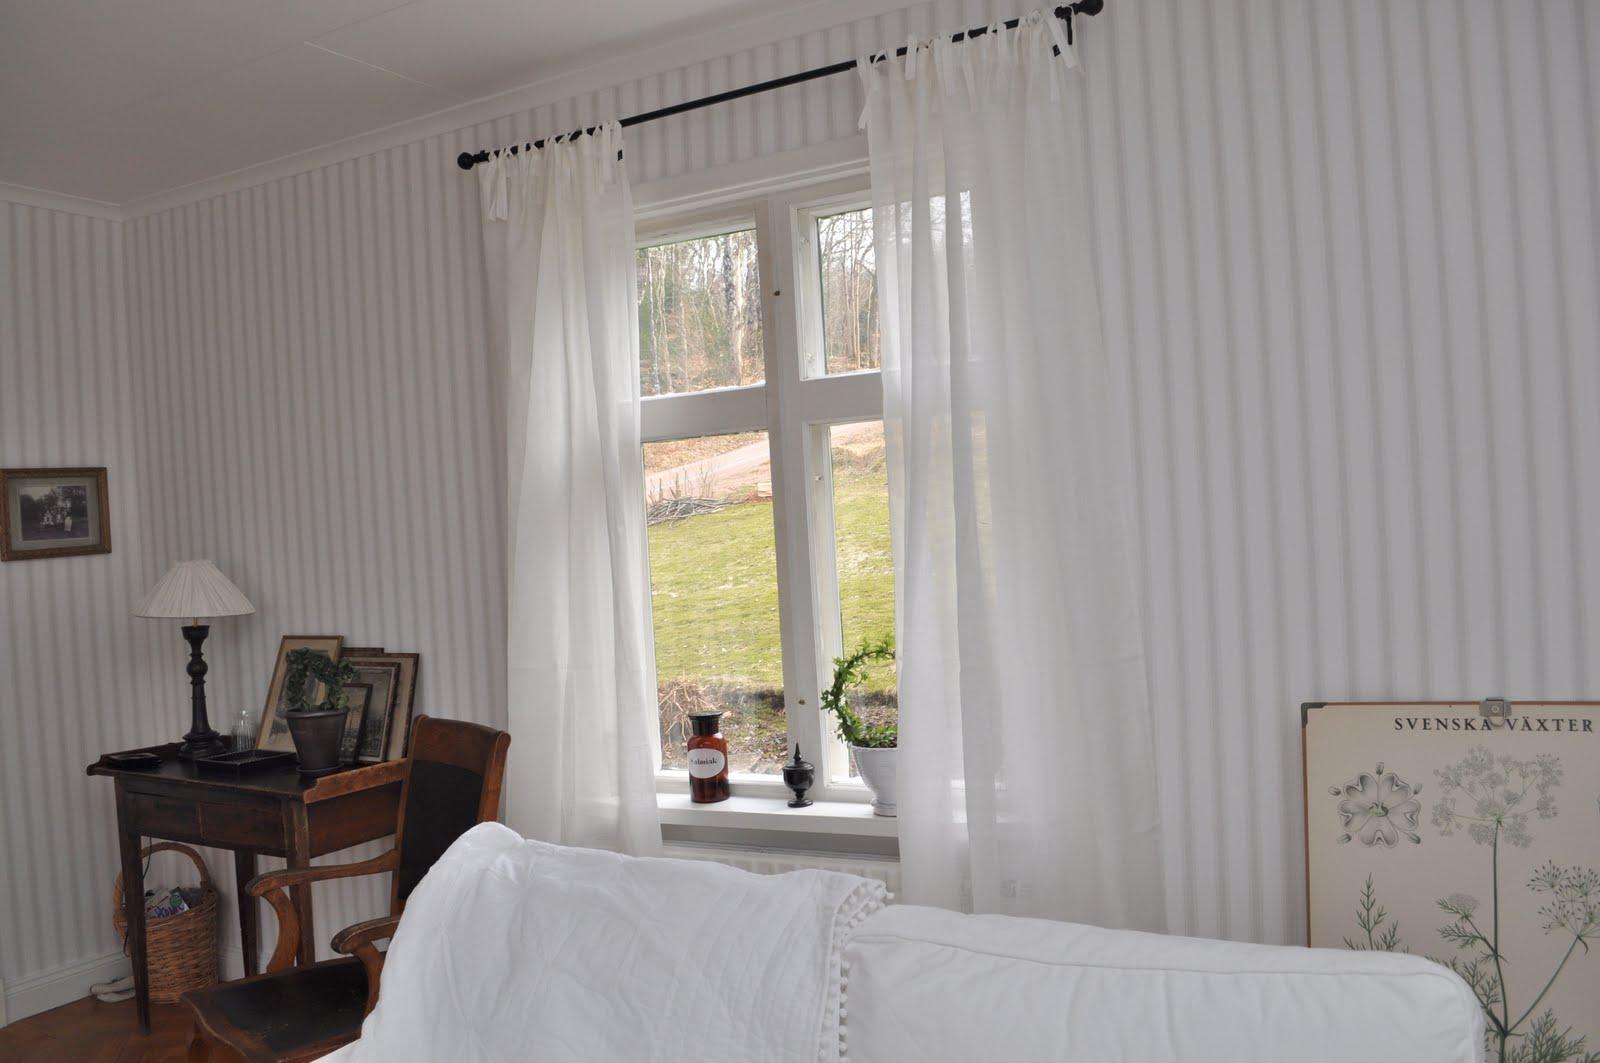 Hemma på kråkered: söndagsbilden: gardiner i fönstren!